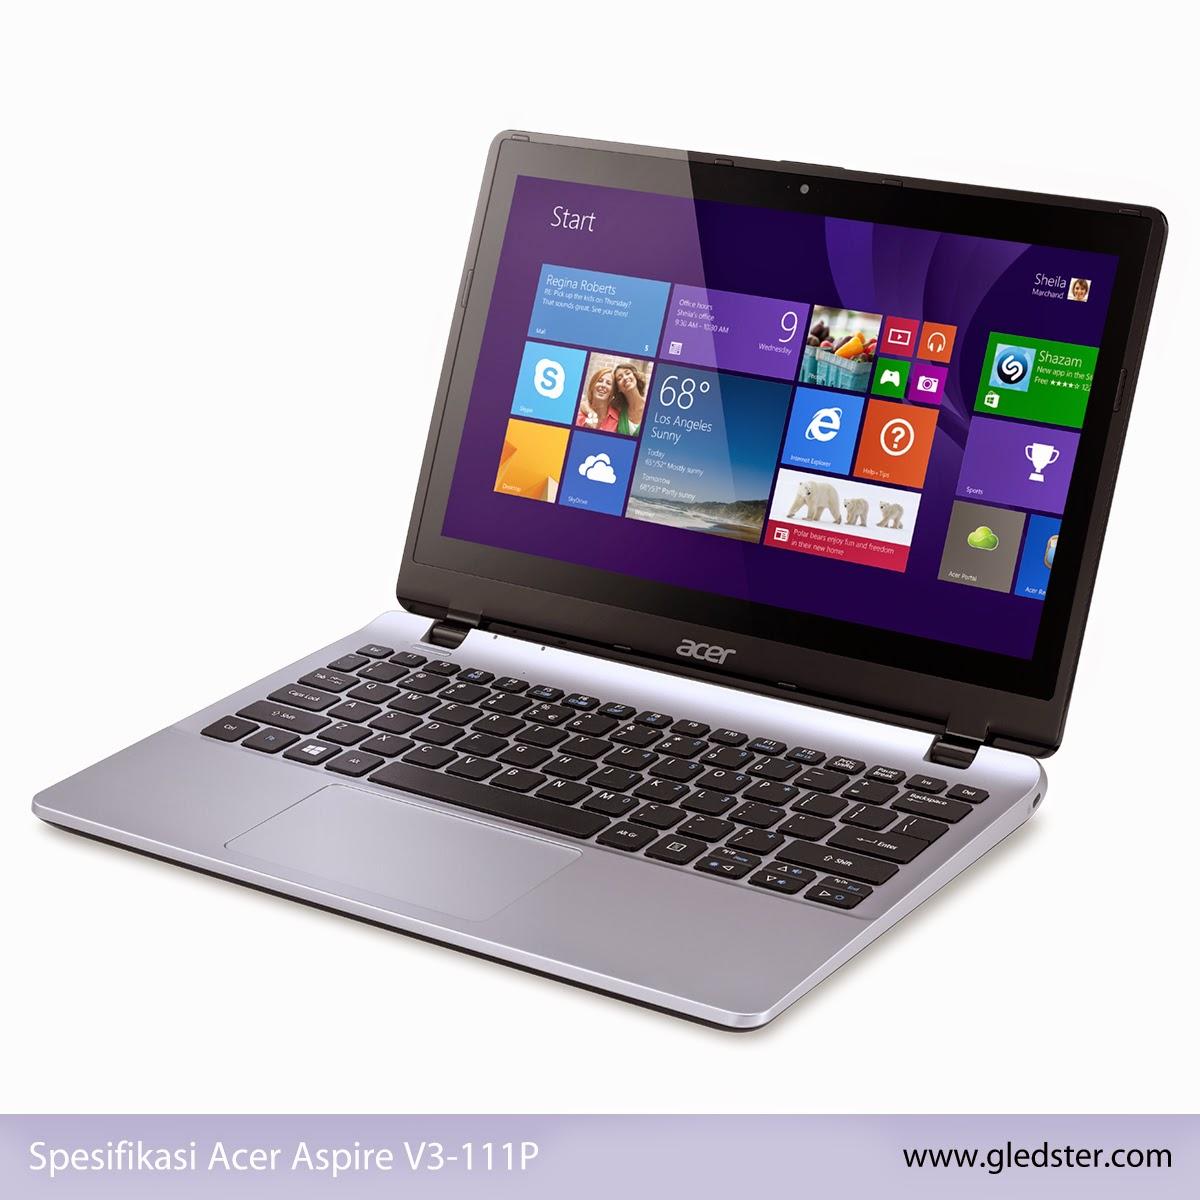 Spesifikasi Acer Aspire V3-111P